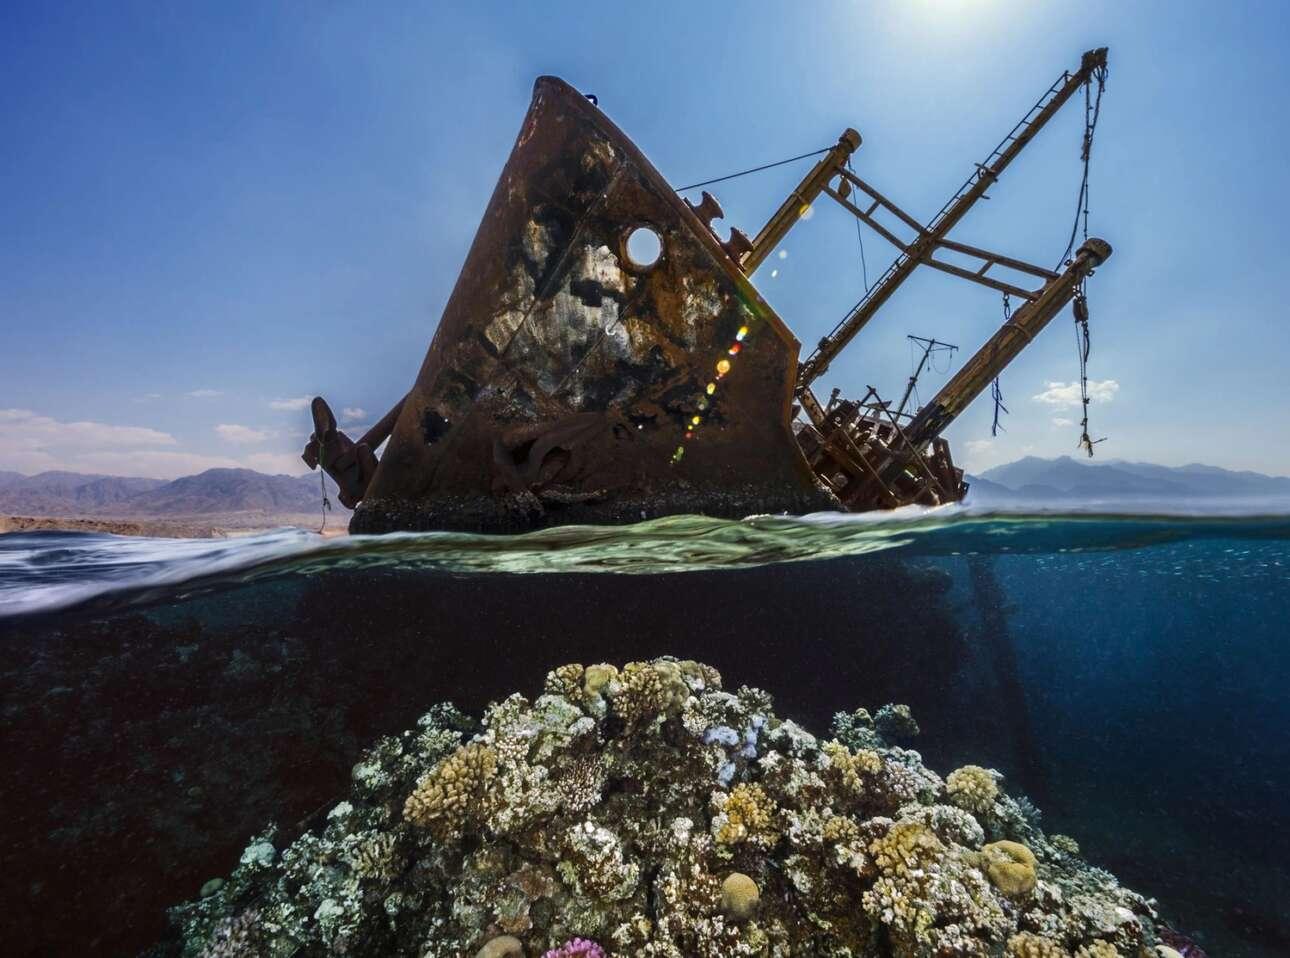 Το 1978 το ελληνόκτητο φορτηγό πλοίο Georgios G εξόκειλε σε ένα ρηχό κοραλλιογενή ύφαλο στον Κόλπο της Ακαμπα στην Ερυθρά Θάλασσα. Το ατύχημα έγινε βράδυ και ξέσπασε μεγάλη πυρκαγιά στο πλοίο που βρίσκεται το μισό έξω από το νερό και το άλλο μισό μέσα έχοντας μετατραπεί σε έναν τεχνητό ύφαλο όπου διαβιώνουν πολλοί θαλάσσιοι οργανισμοί. Η φωτογραφία που πήρε την τρίτη θέση στην κατηγορία «Ναυάγια» ονομάστηκε «Χρυσή Ώρα στο Georgios G»